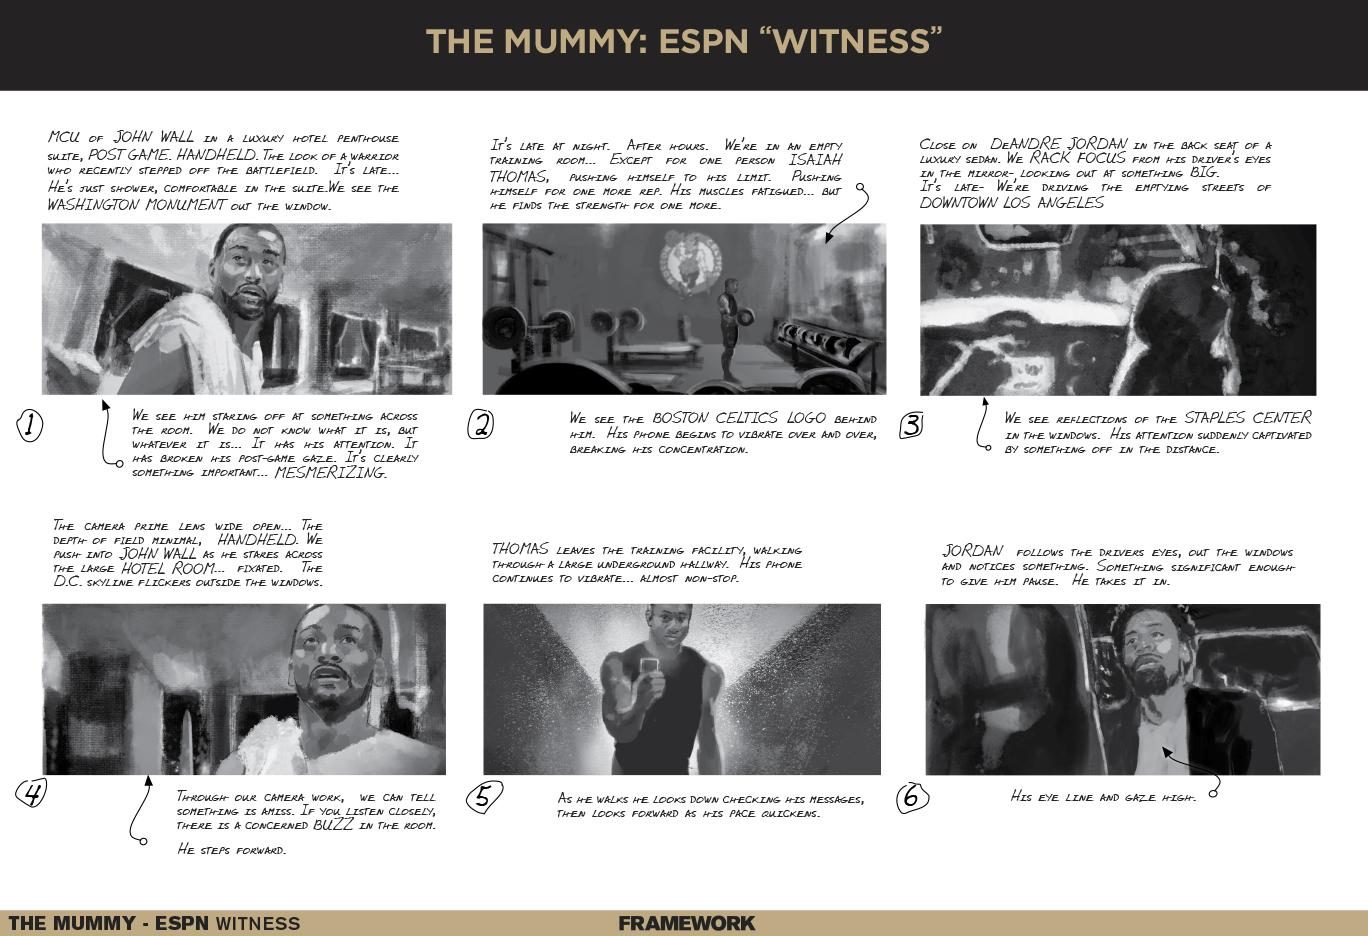 MUMMY_ESPN_REV_V03_17-0316-2.jpg